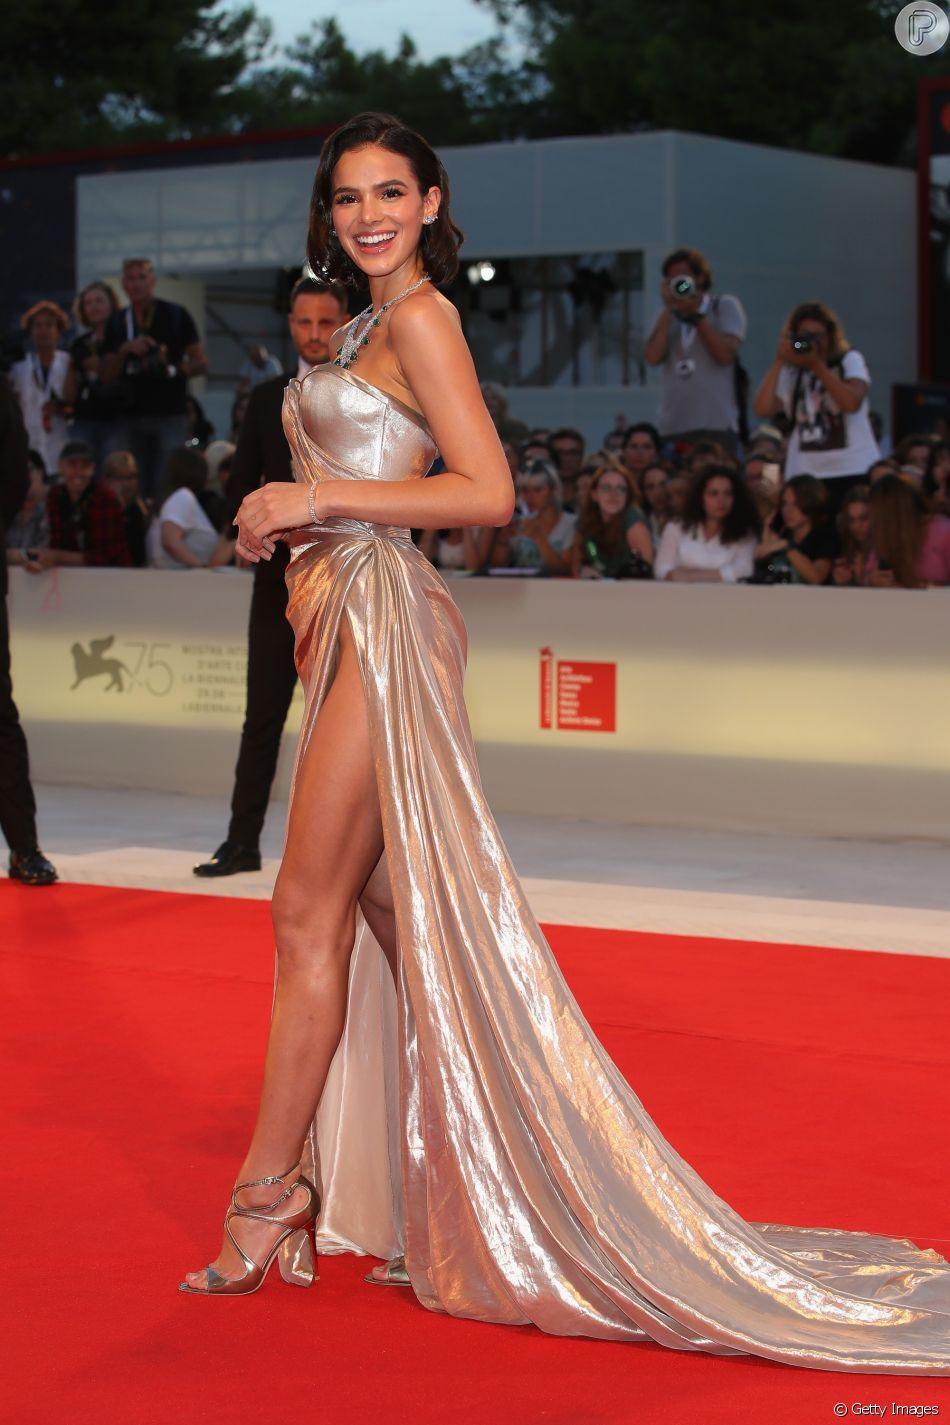 Bruna Marquezine apostou em vestido ombro a ombro com fenda profunda no  Festival de Cinema em b166fc31a8